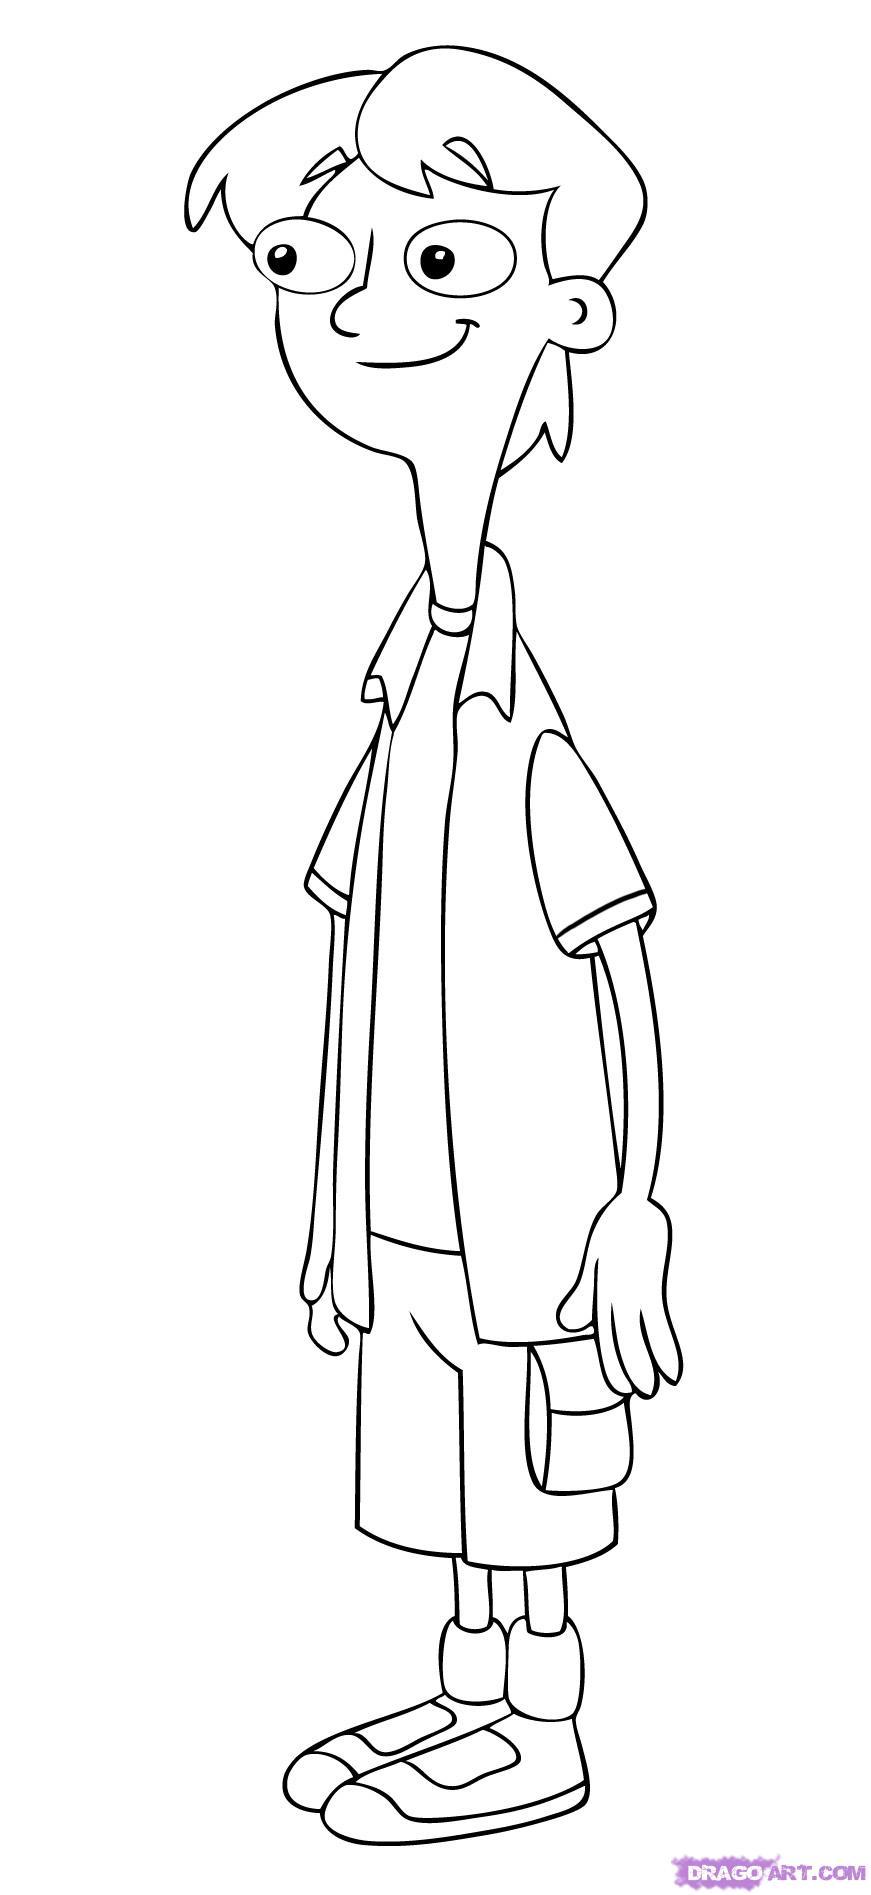 Jeremy el novio de Candance, la hermana de Phineas y Ferb